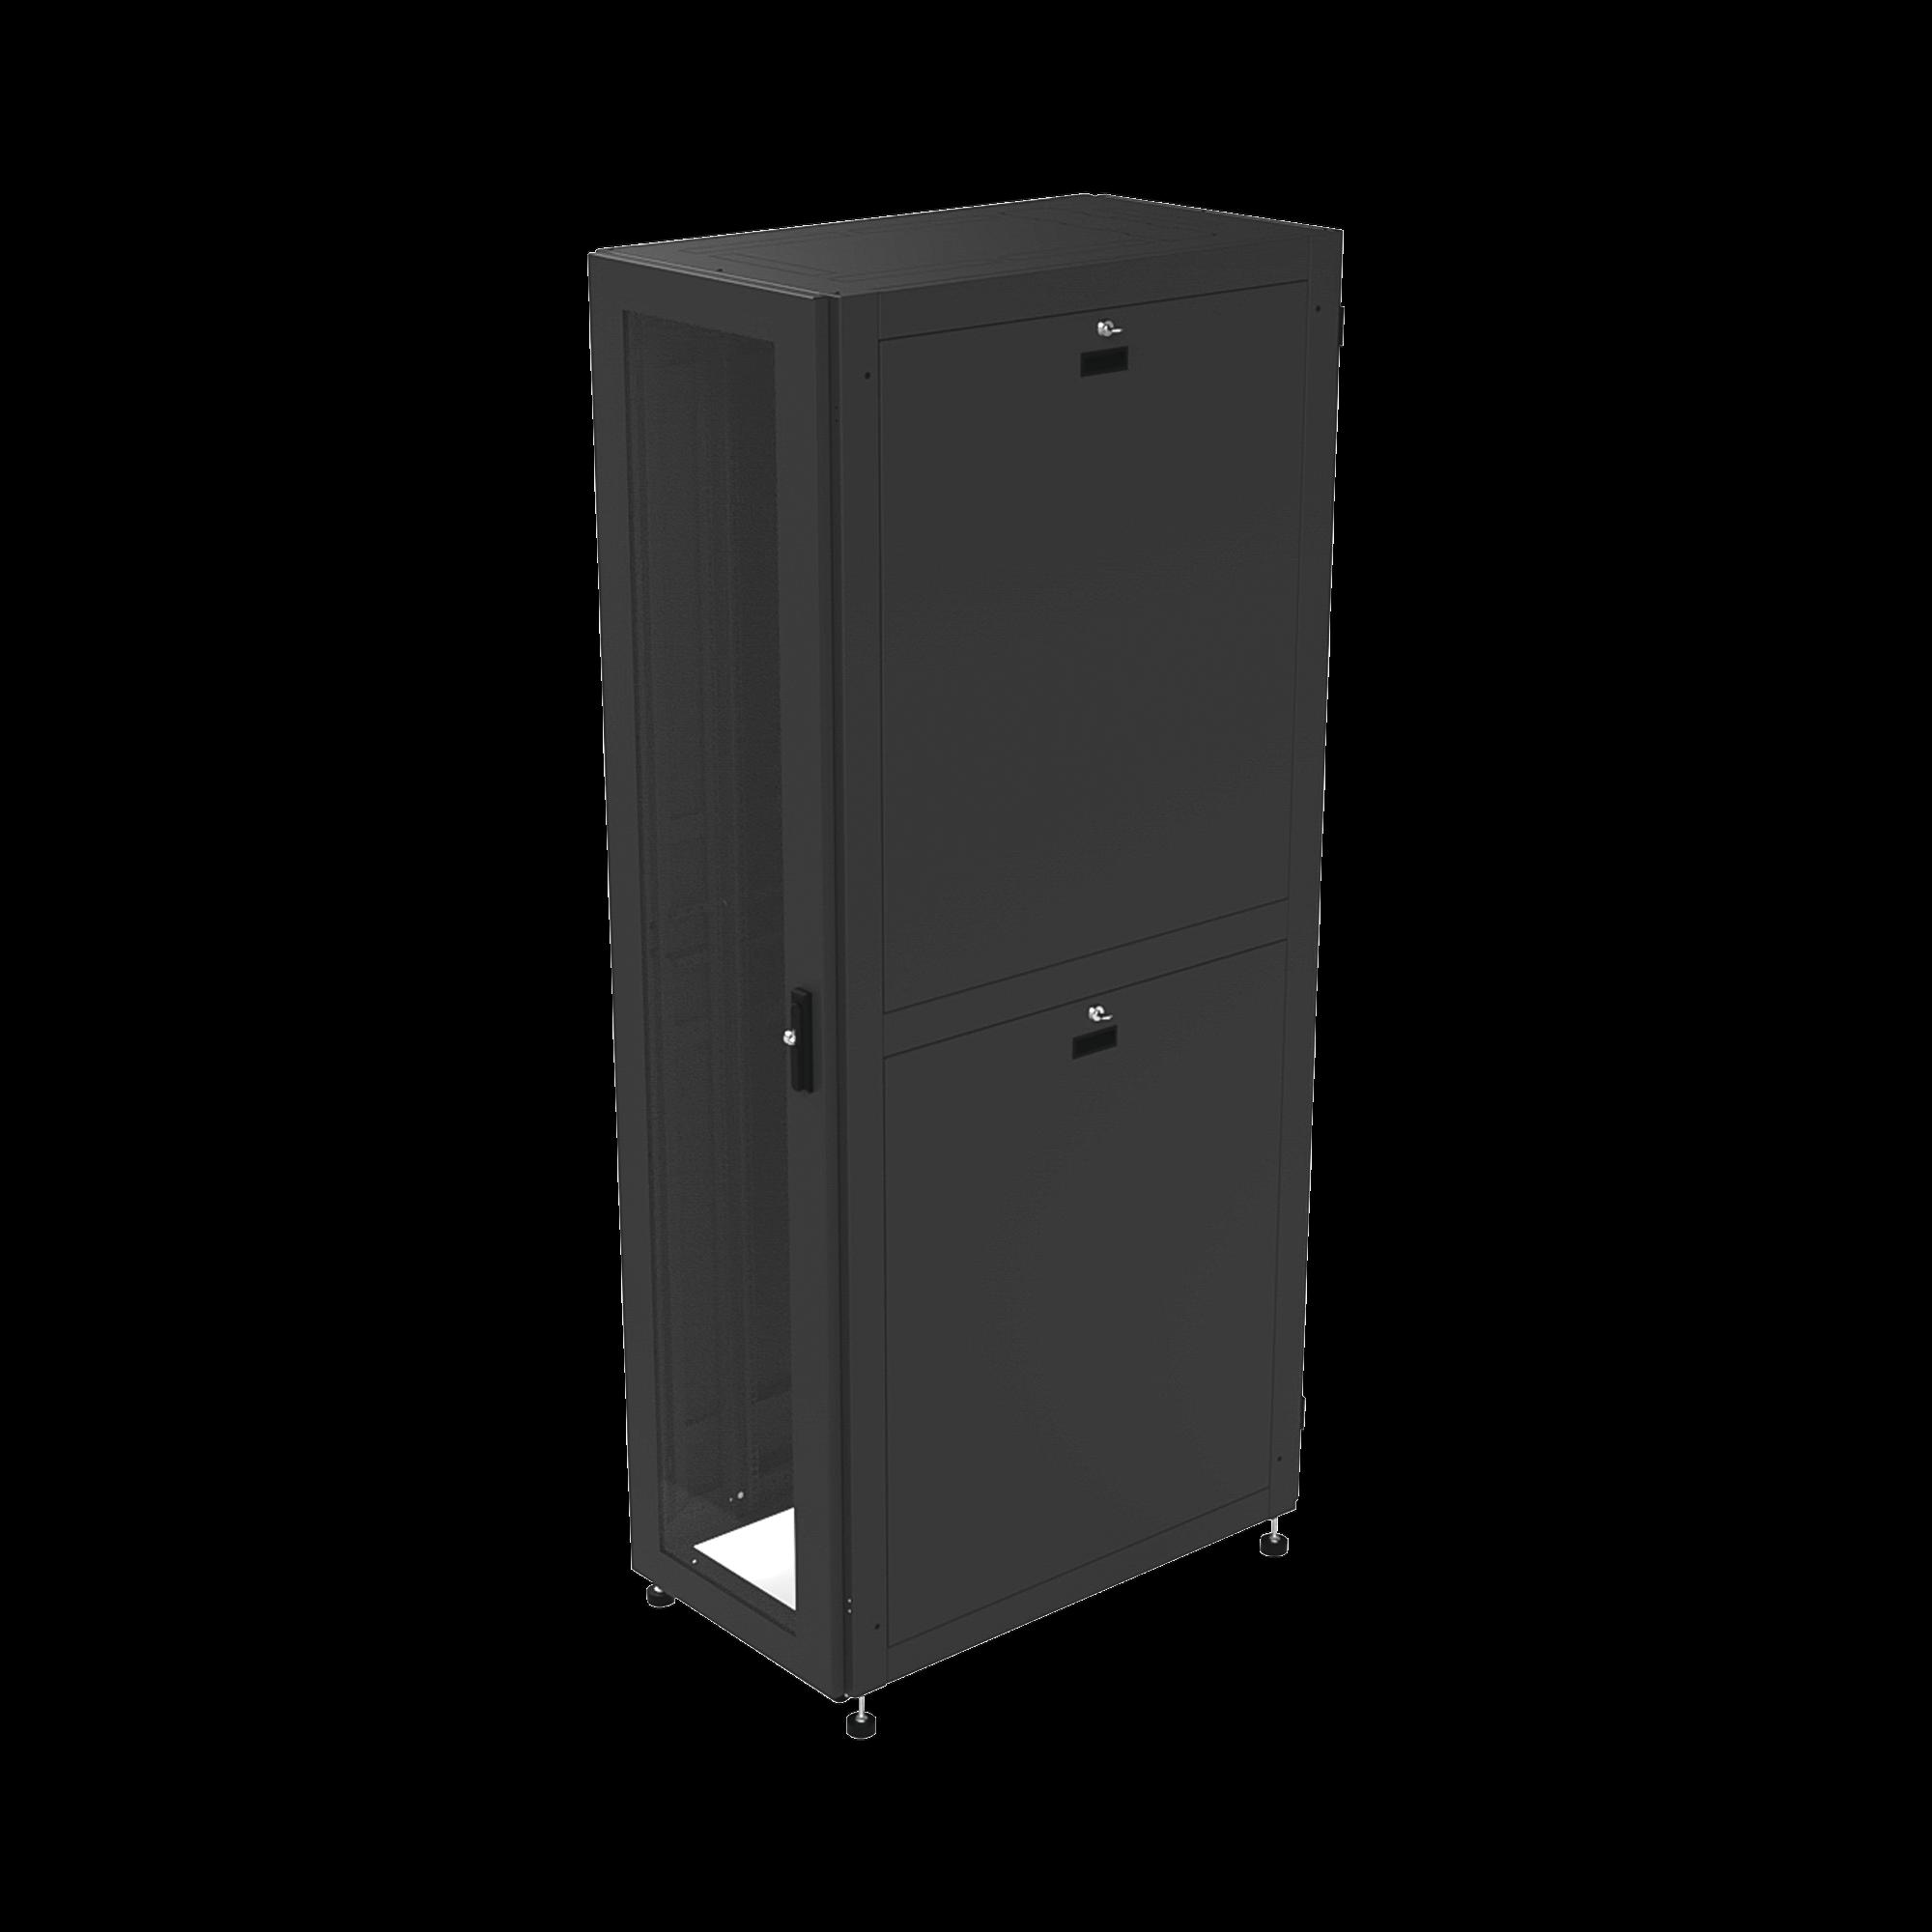 Gabinete Profesional para Telecomunicaciones de 48UR, 600 mm de Ancho x 1000 mm de Profundidad.